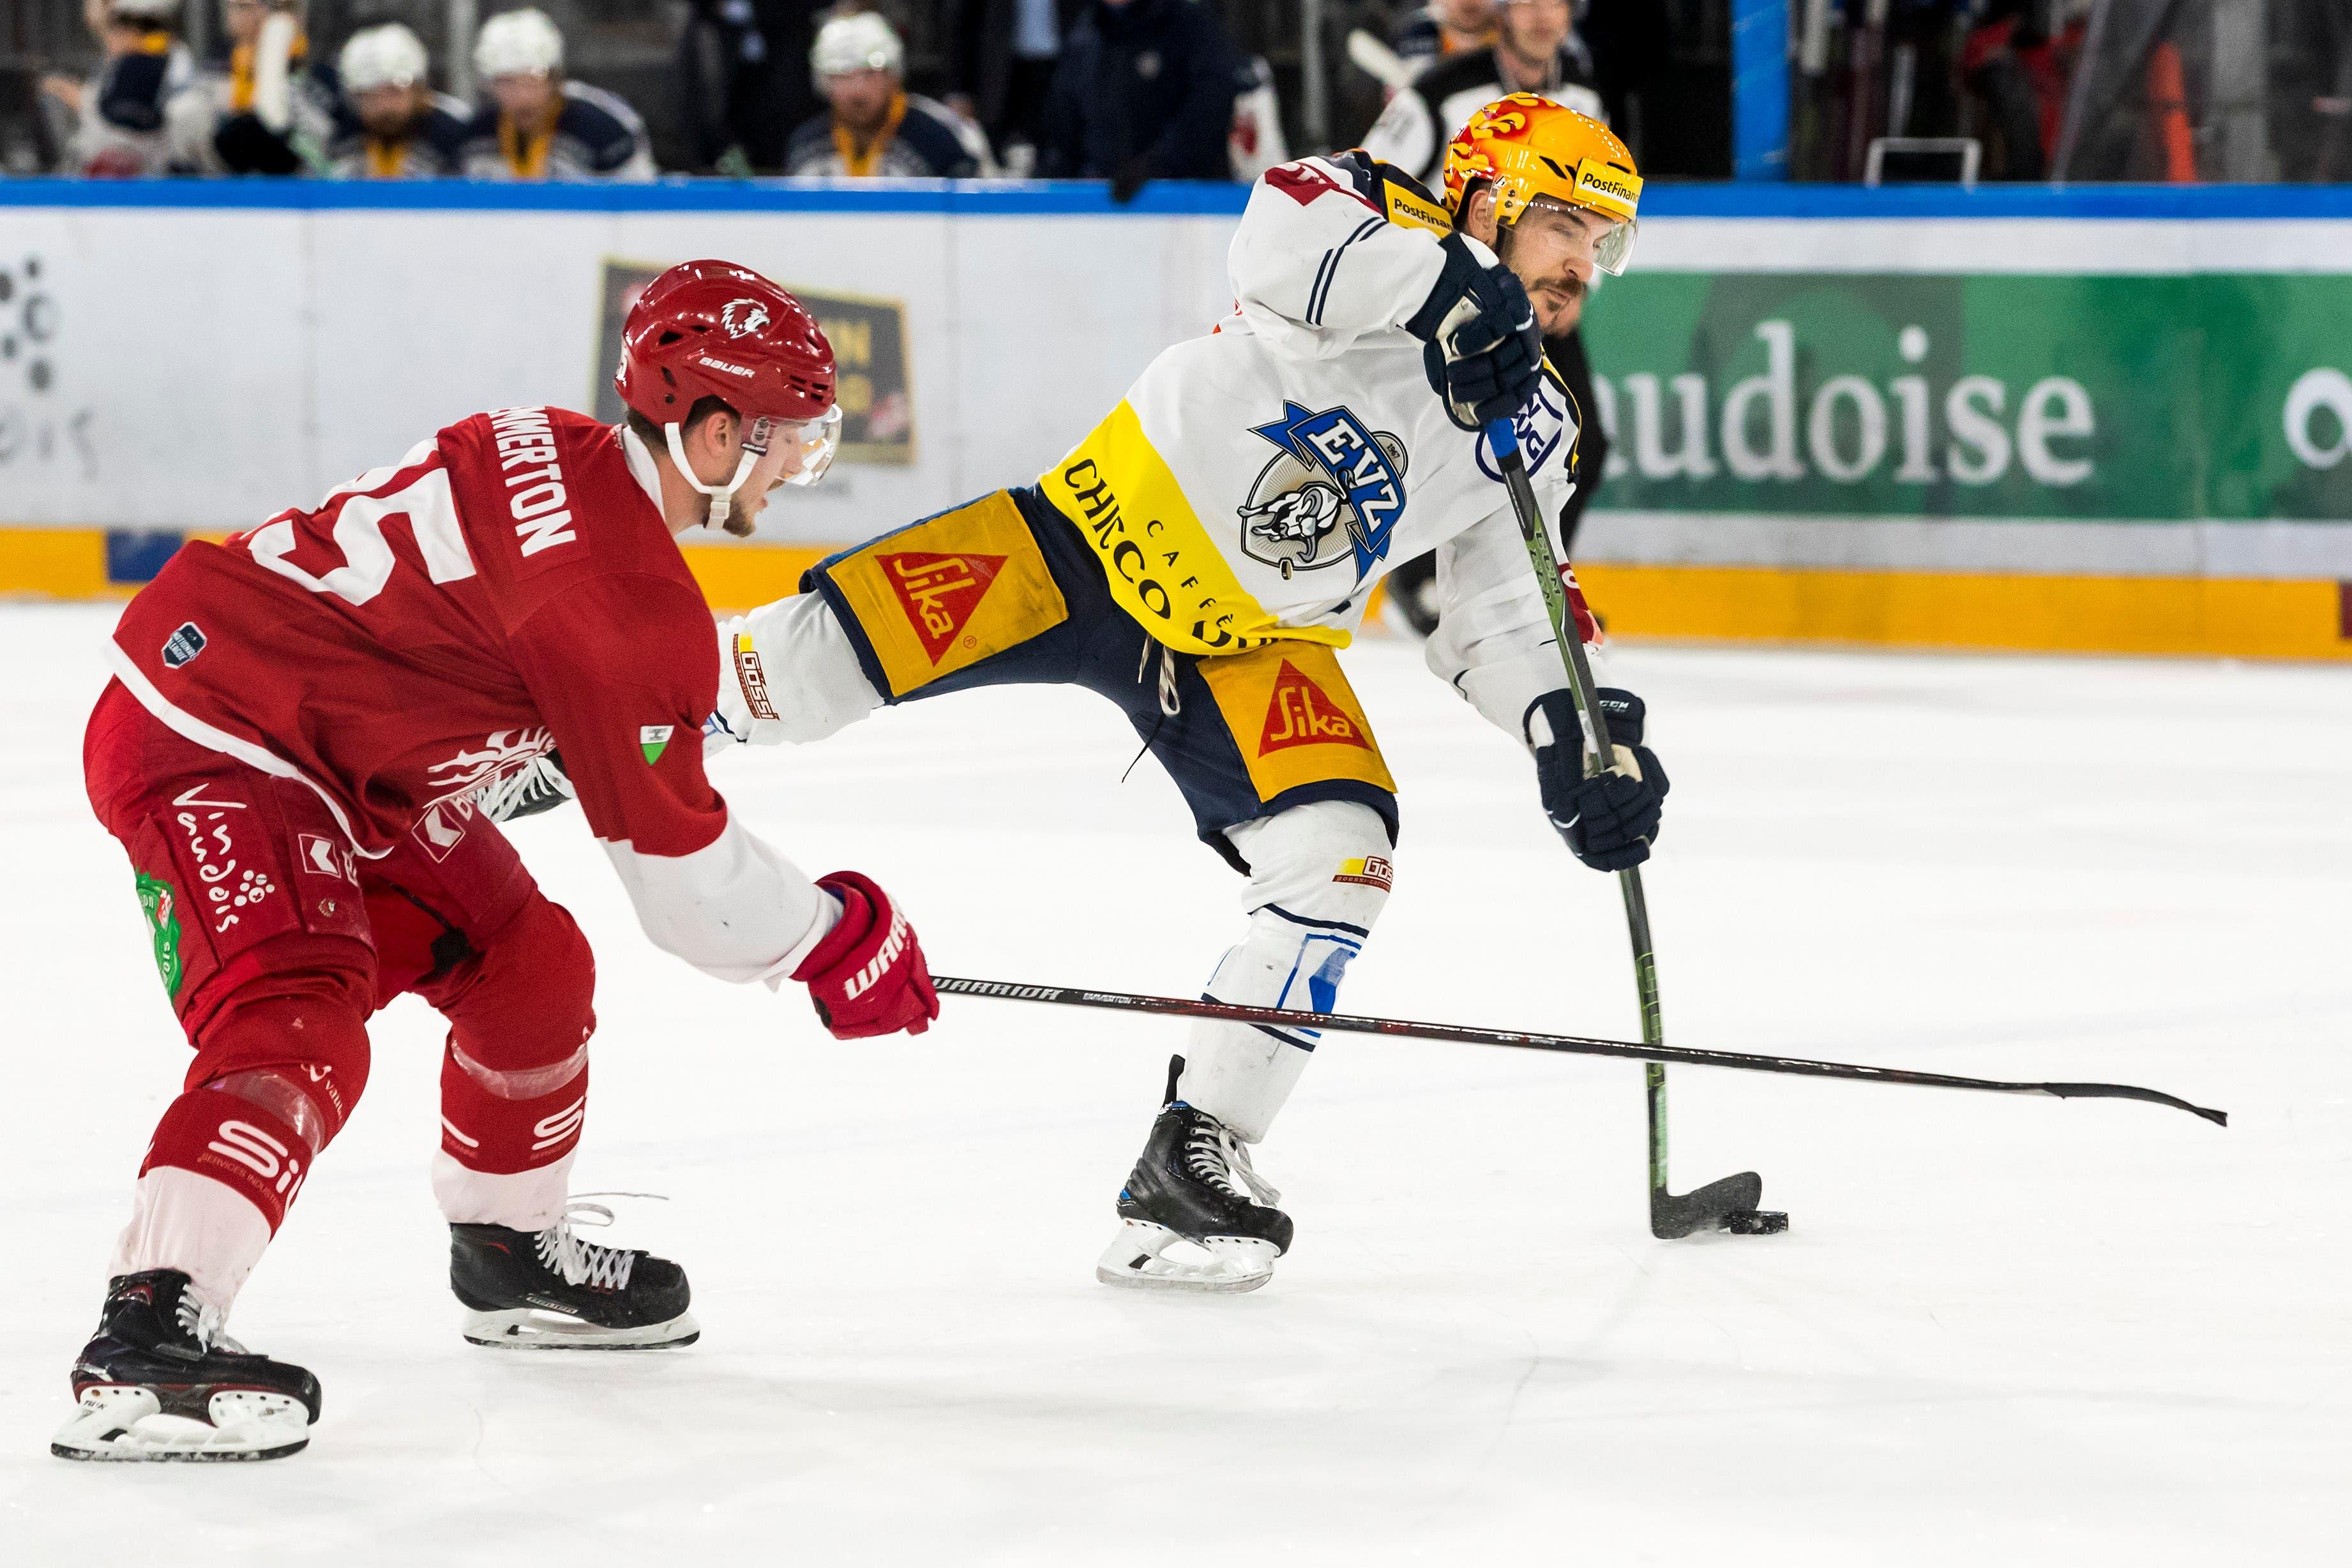 Zugs Garrett Roe (rechts) zieht gegen Lausannes Cory Emmerton ab und trifft zum 1:0. (Bild: Pascal Müller / Freshfocus, Lausanne, 2. April 2019)